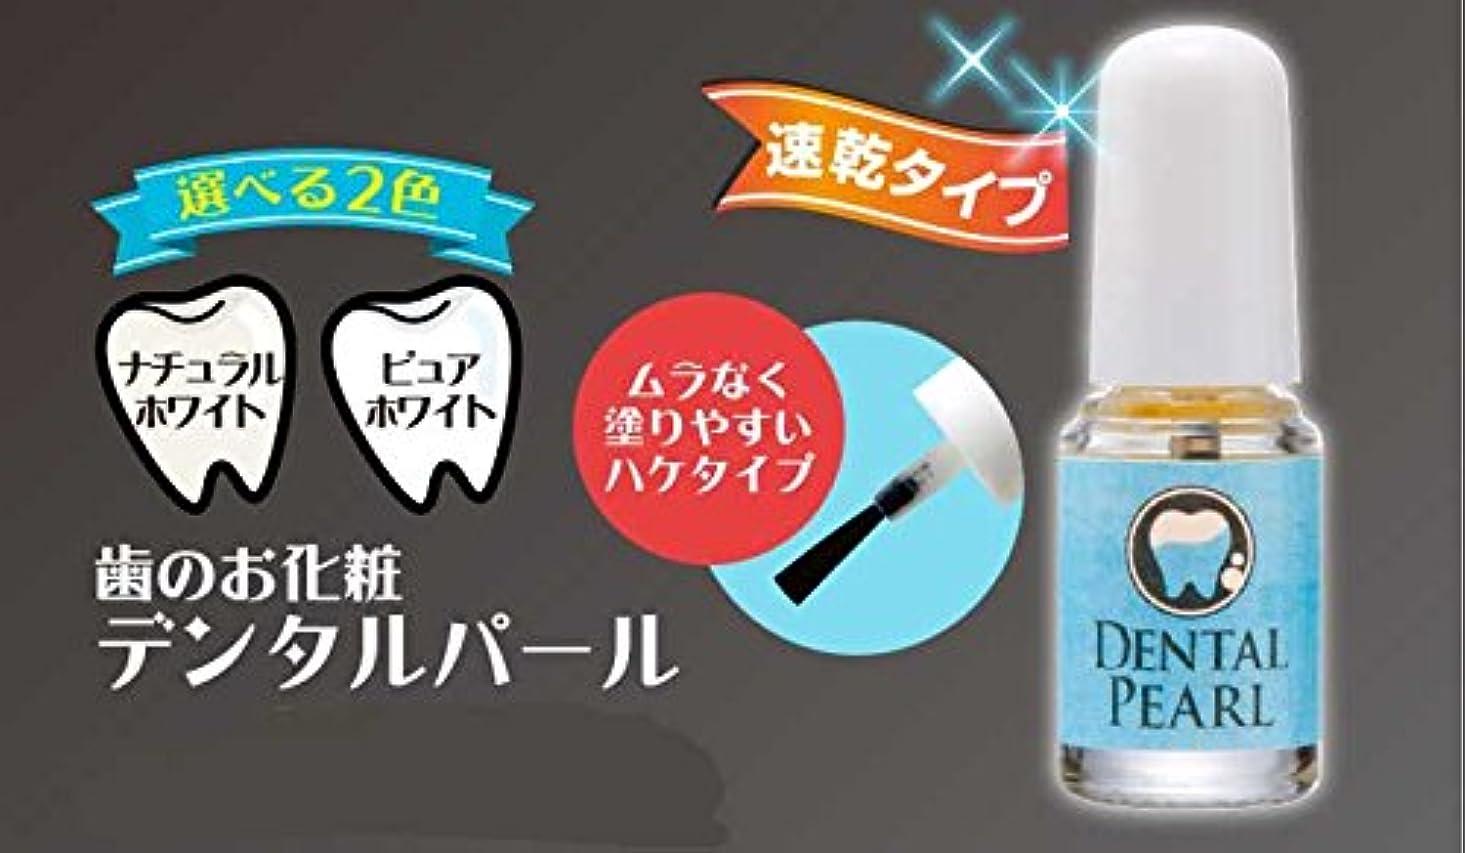 区画がんばり続ける発症歯のお化粧デンタルパール ナチュラルホワイト